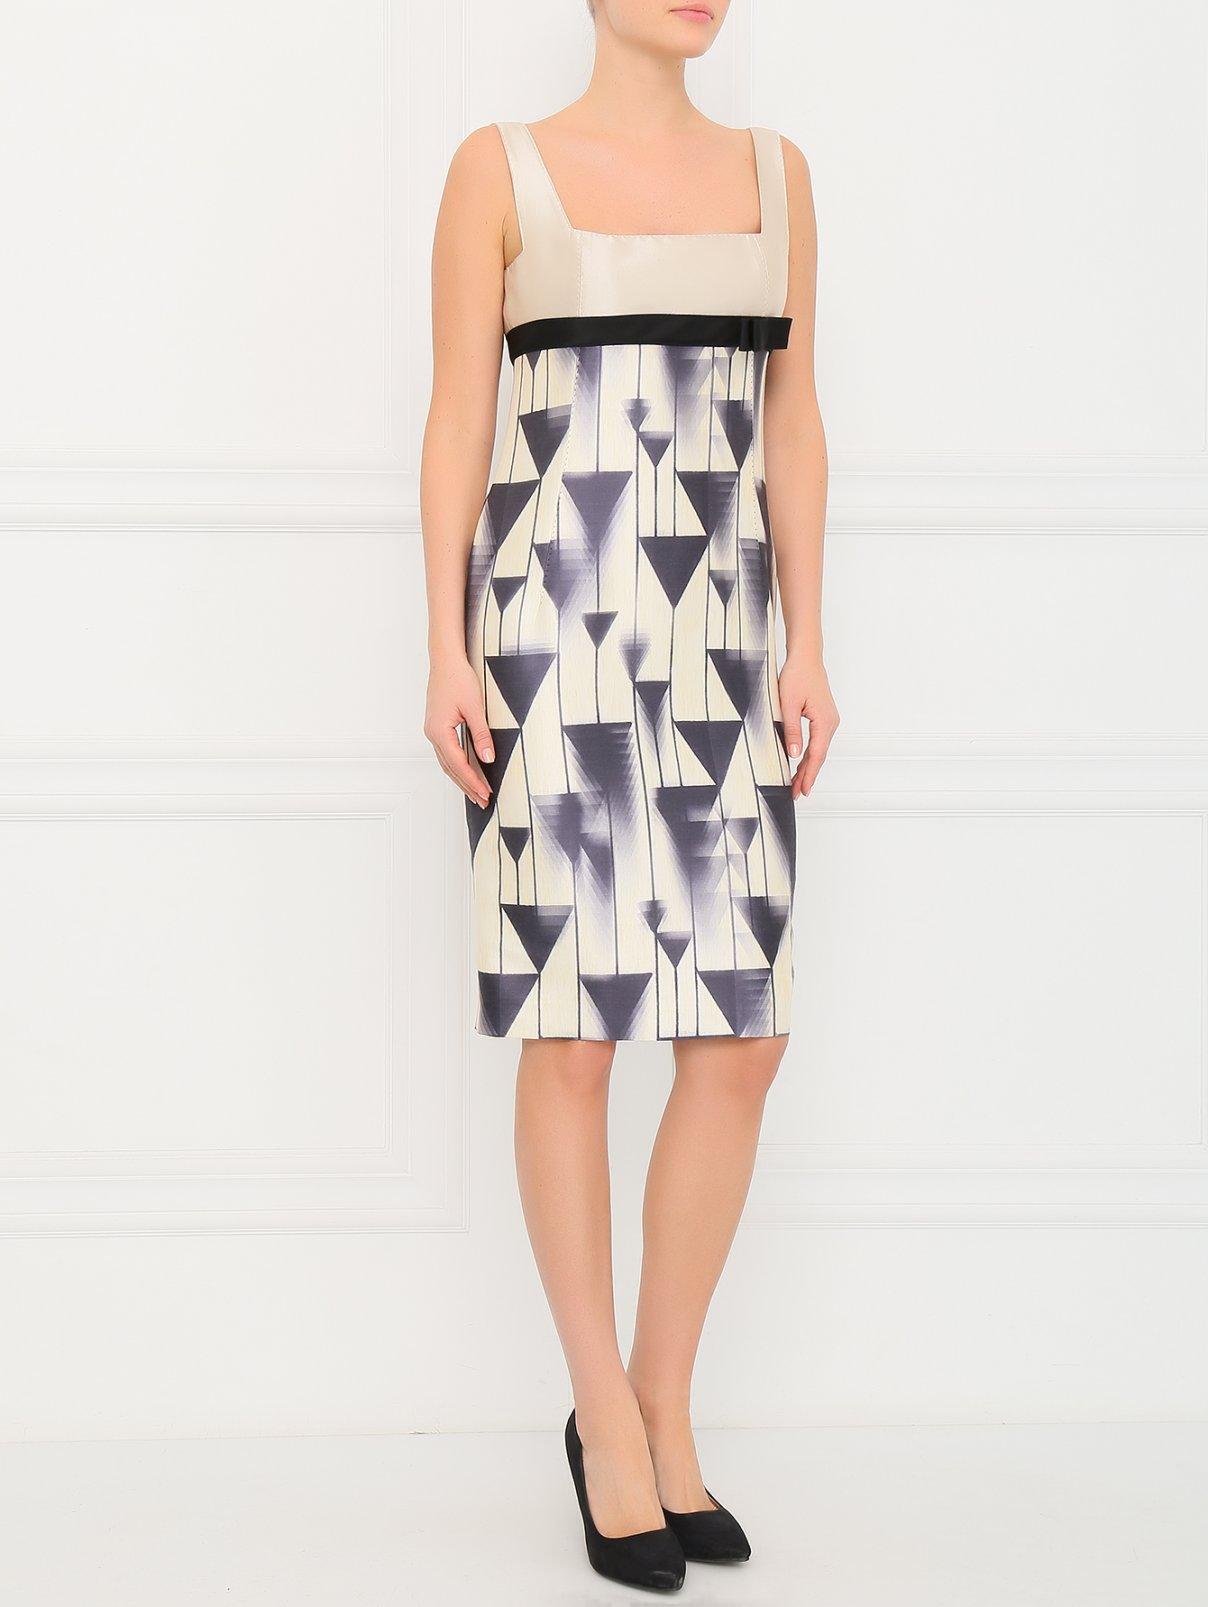 Платье-футляр без рукавов 6267  –  Модель Общий вид  – Цвет:  Бежевый